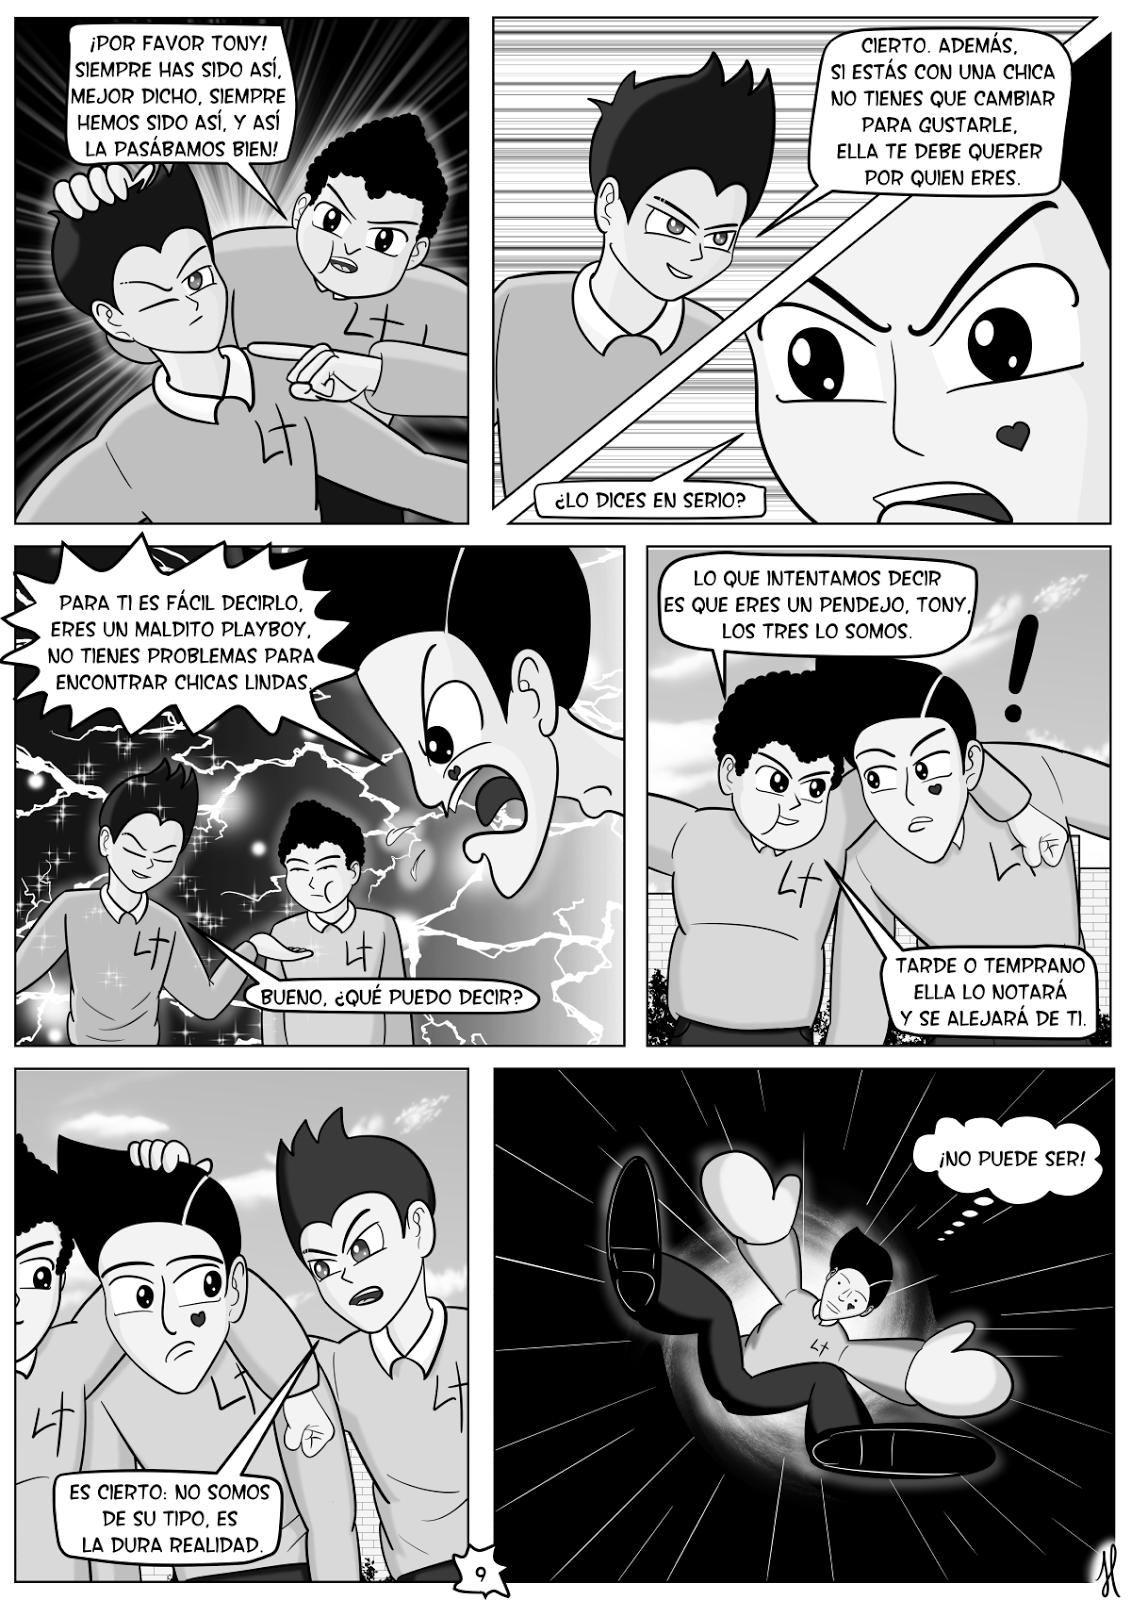 tony-sali-con-mujer-pagina-9